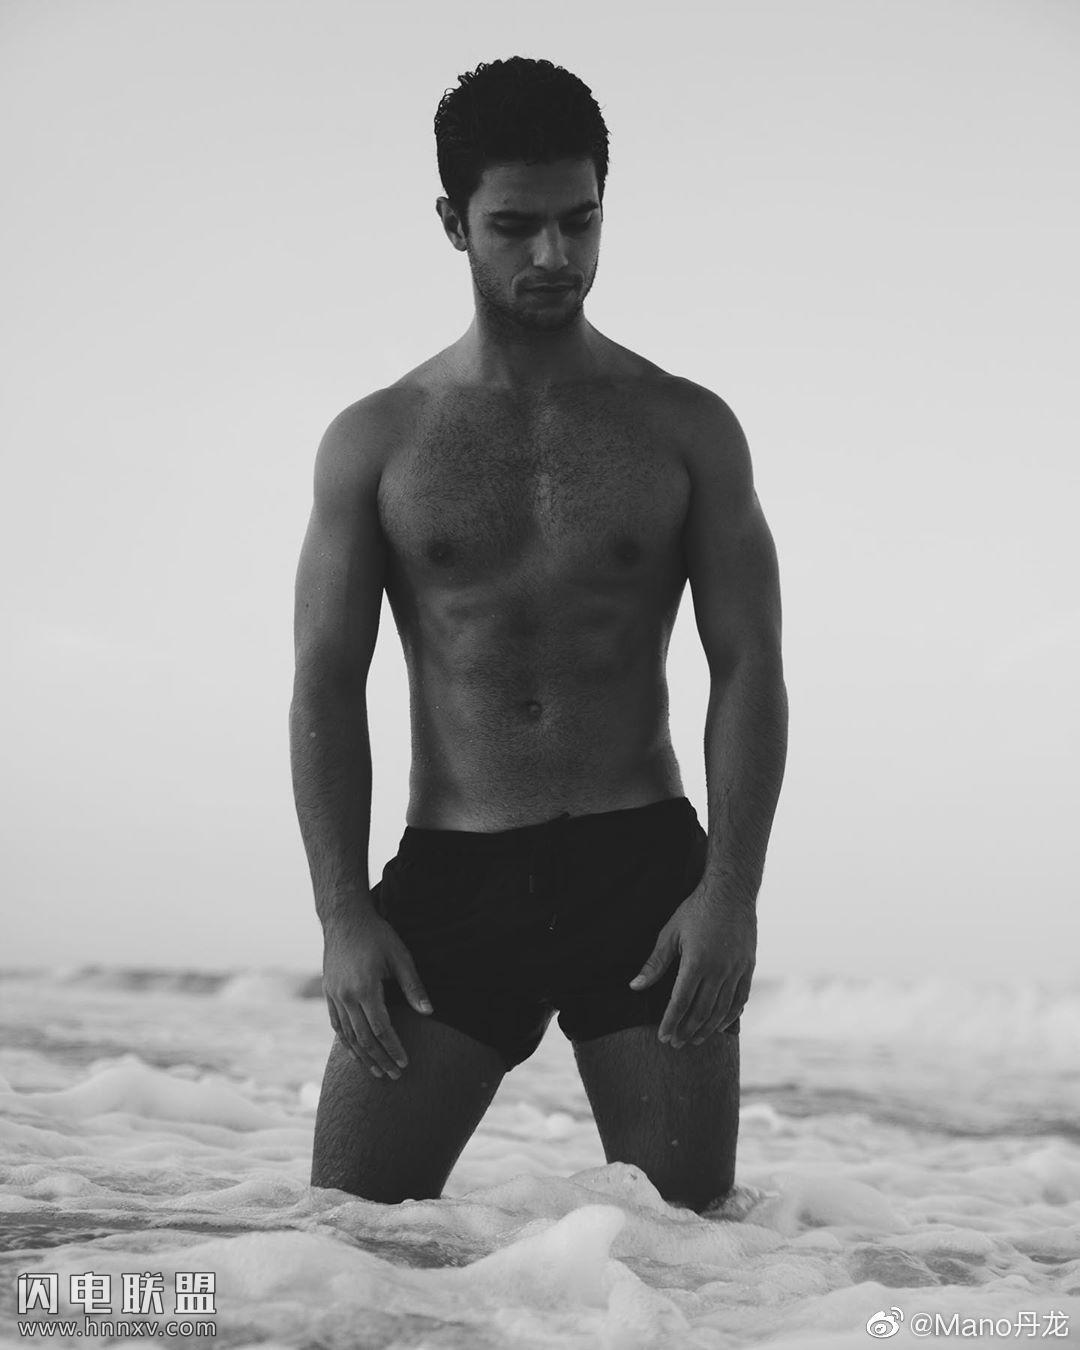 欧美肌肉男模帅哥海边性感文艺内裤写真第12张